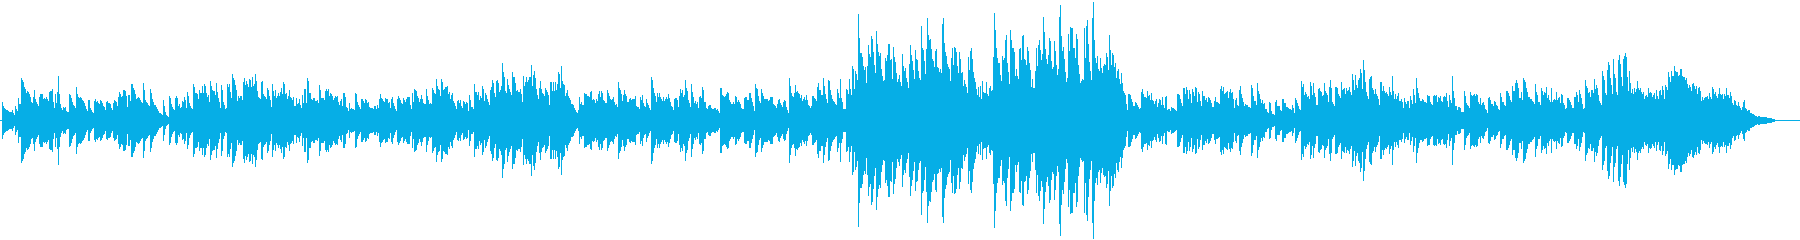 可愛らしいピアノのワルツです。の再生済みの波形